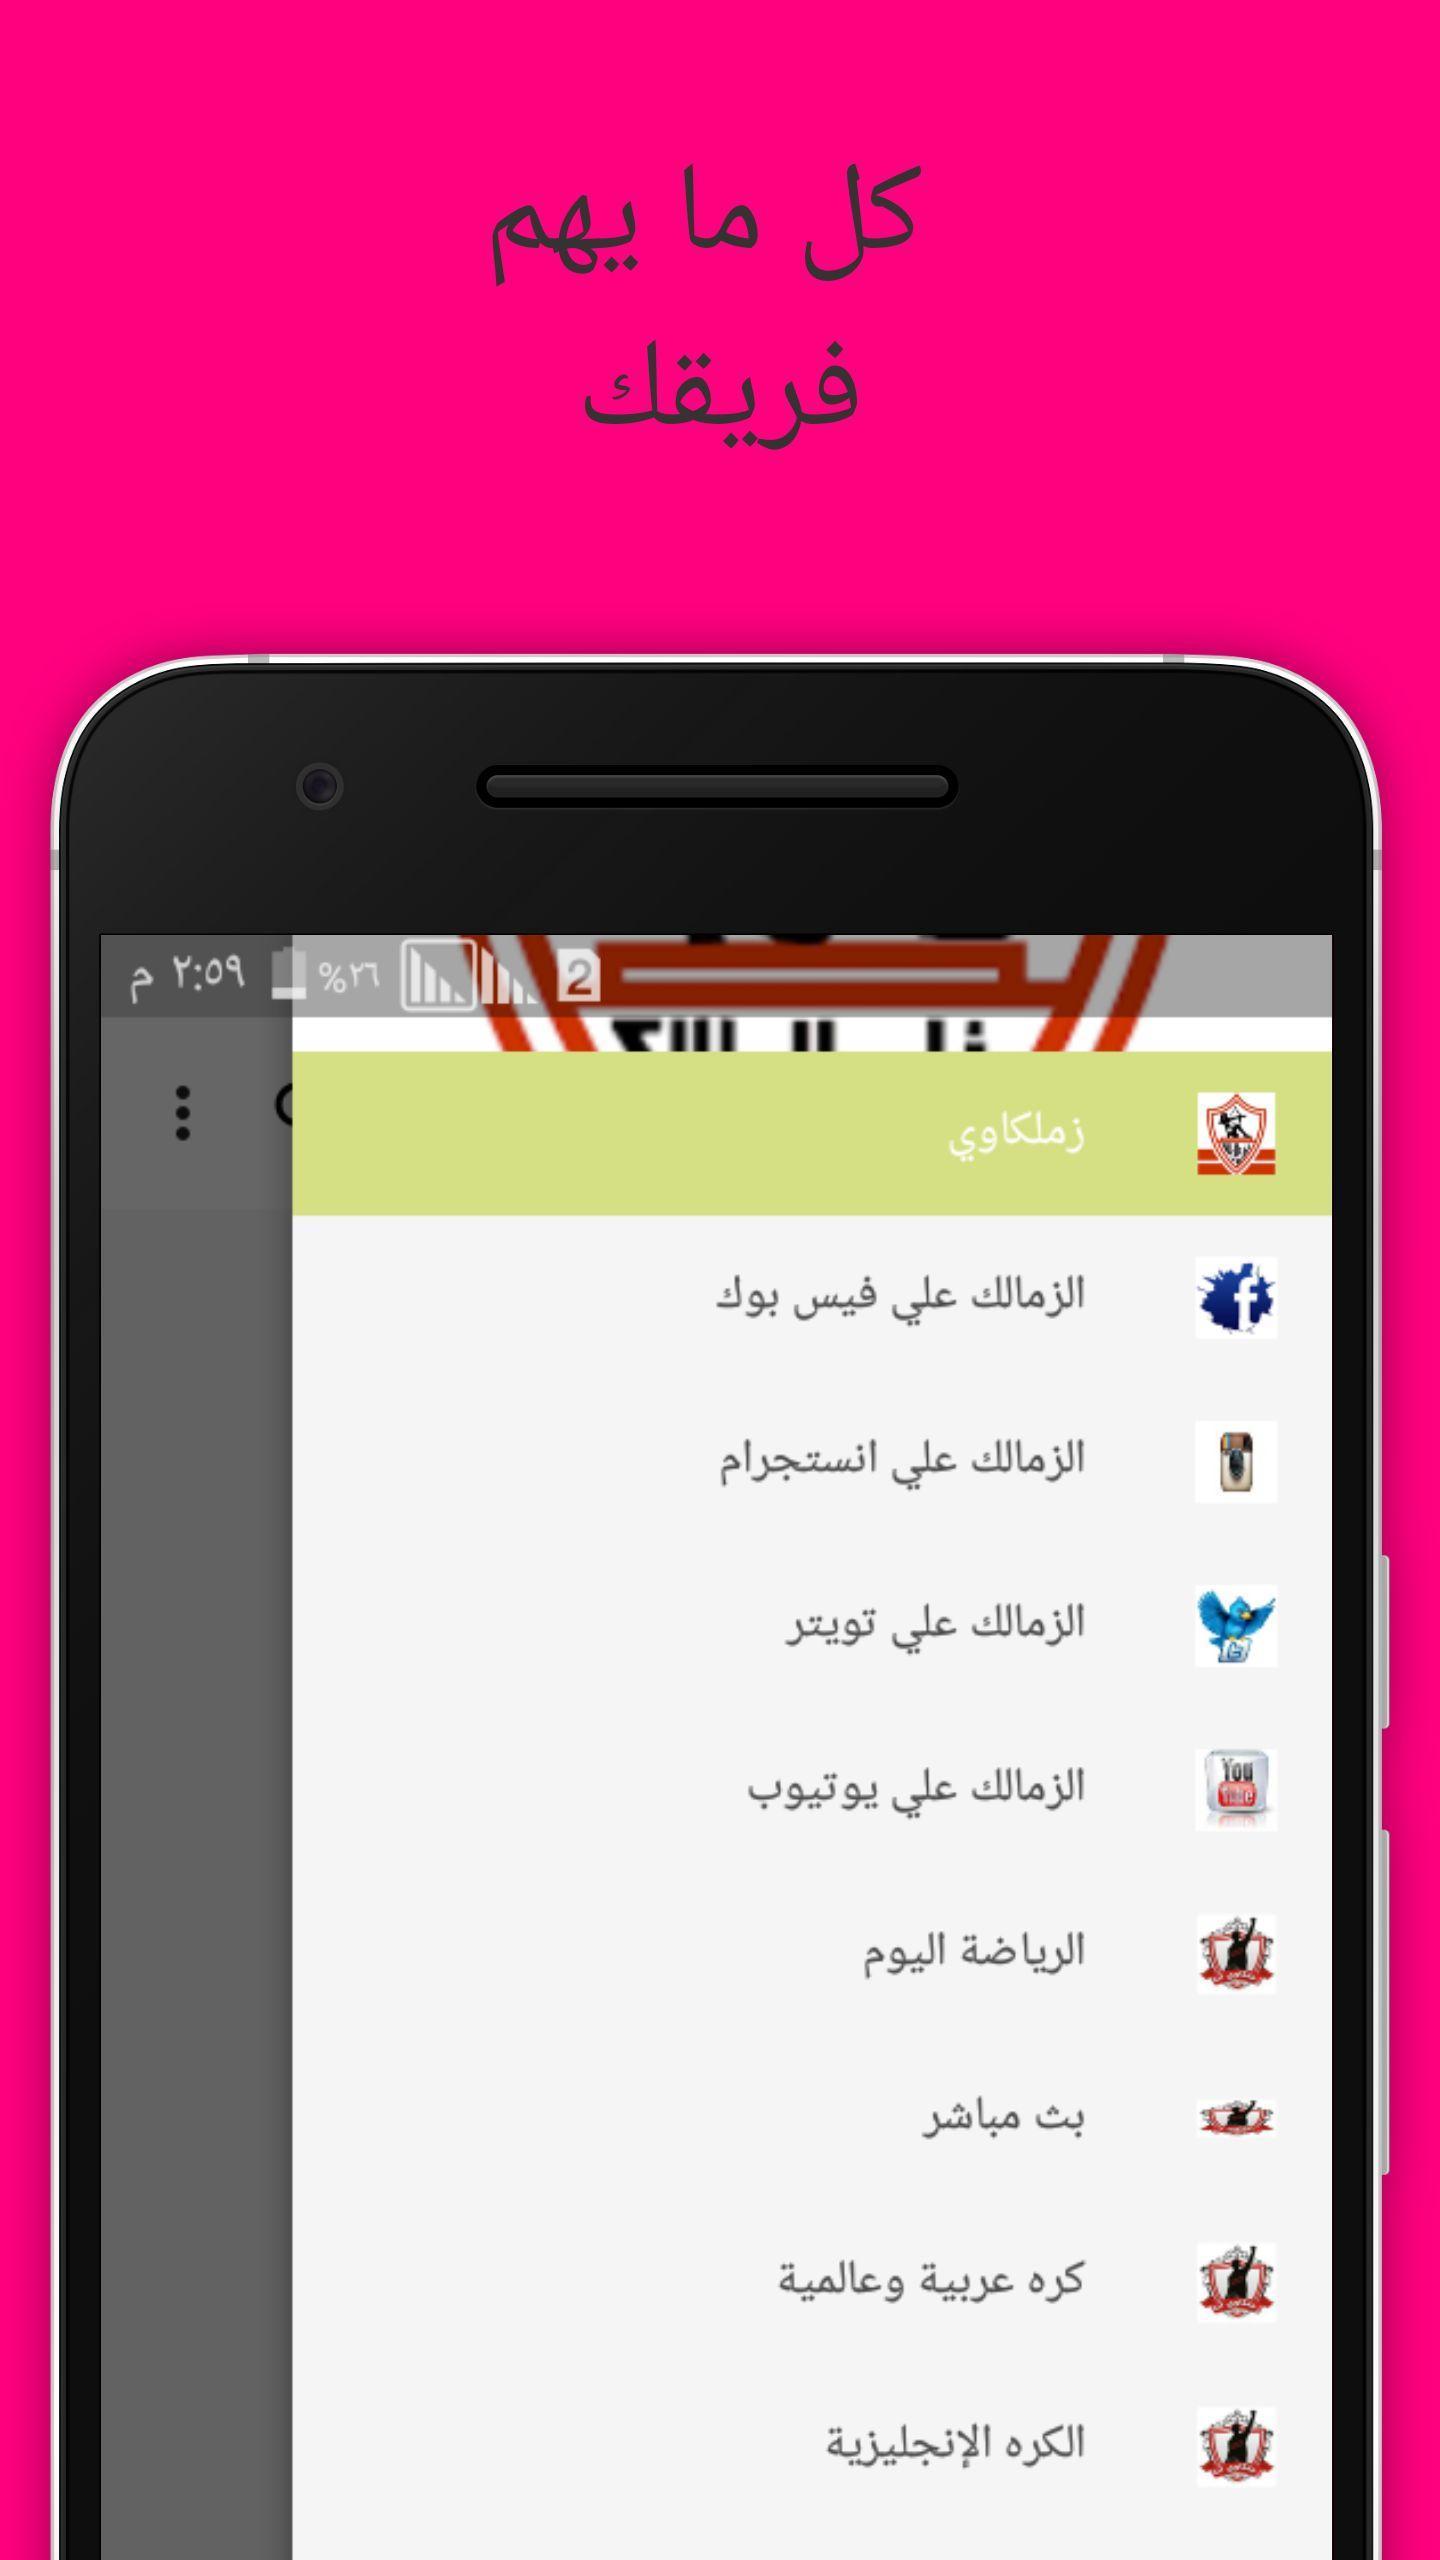 اخبار الزمالك والرياضة المصرية Fur Android Apk Herunterladen